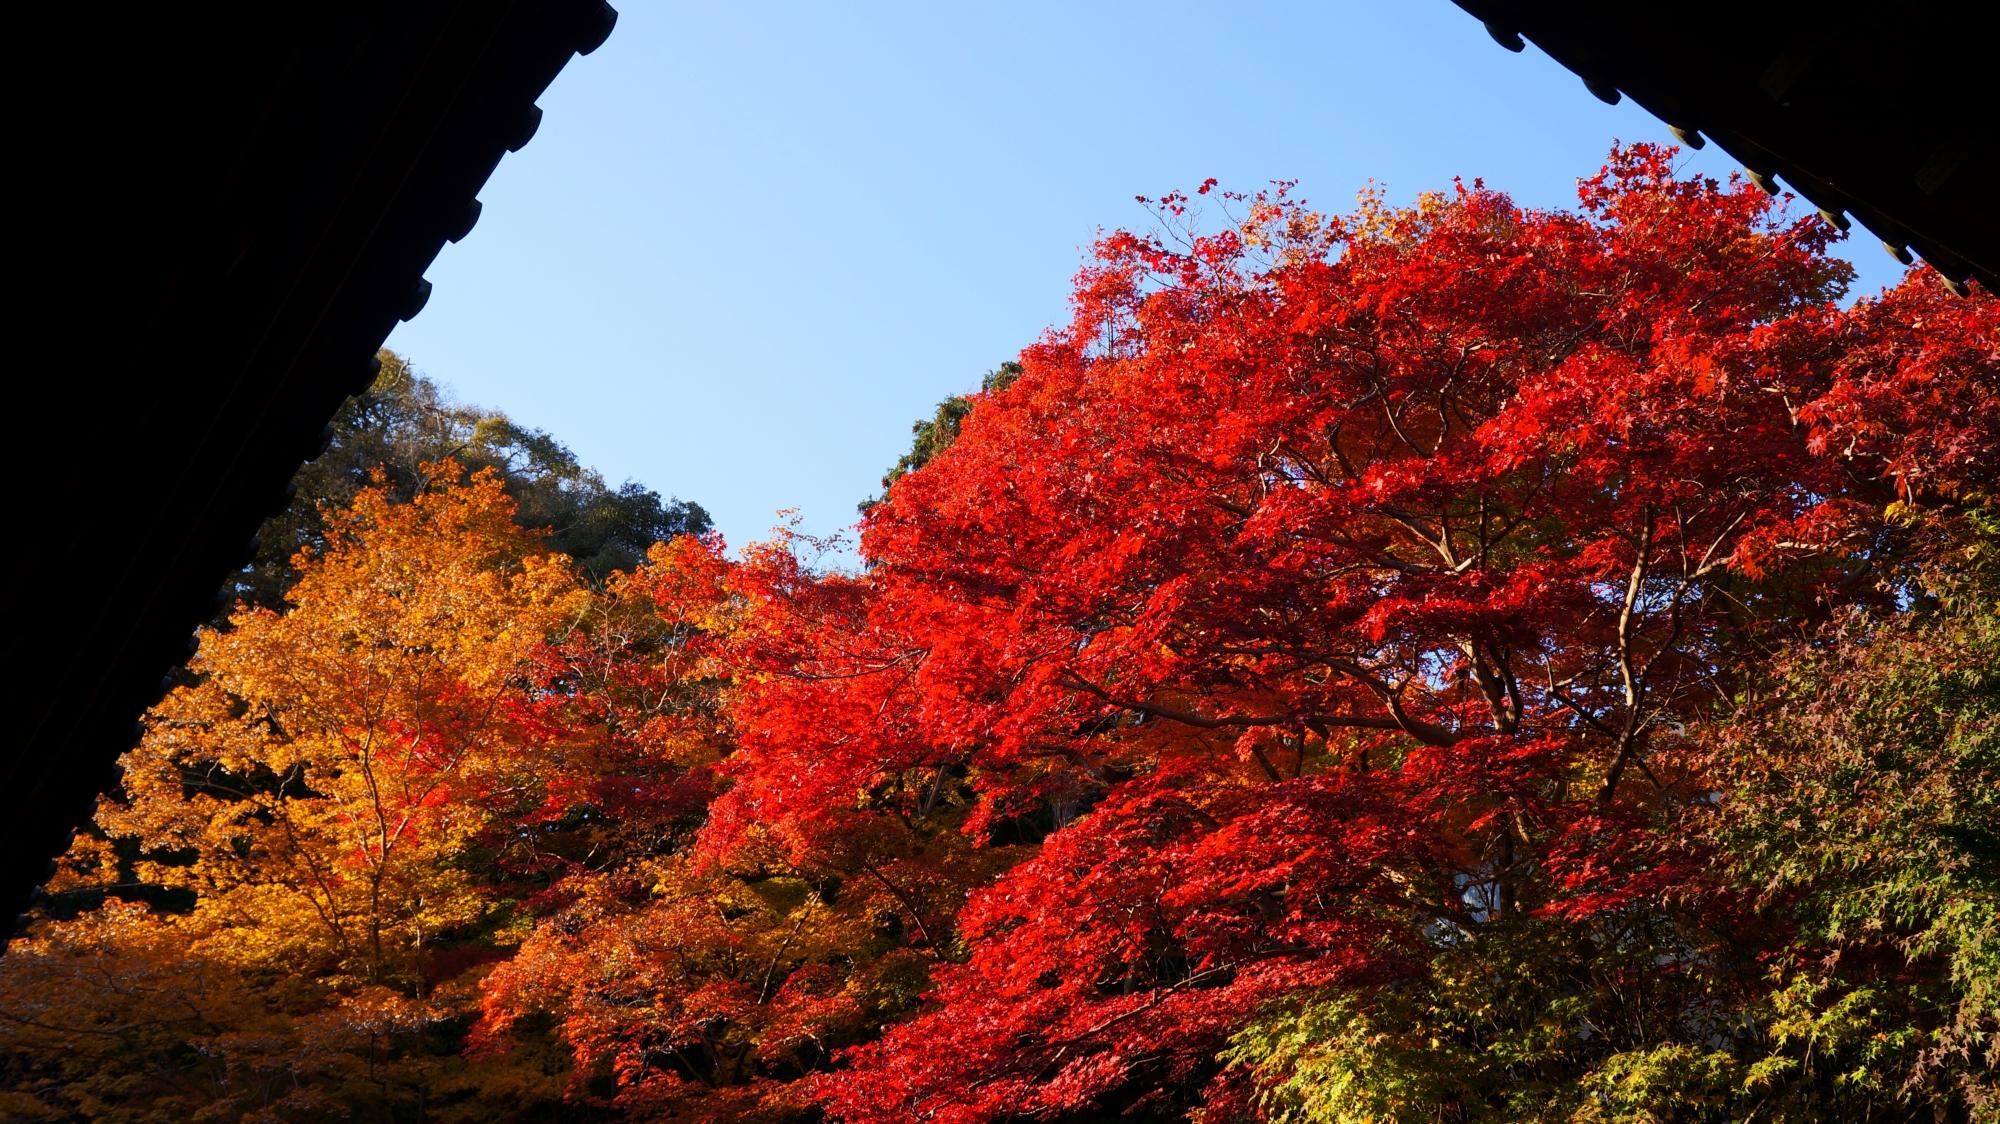 実相院の床紅葉前の真っ赤な紅葉